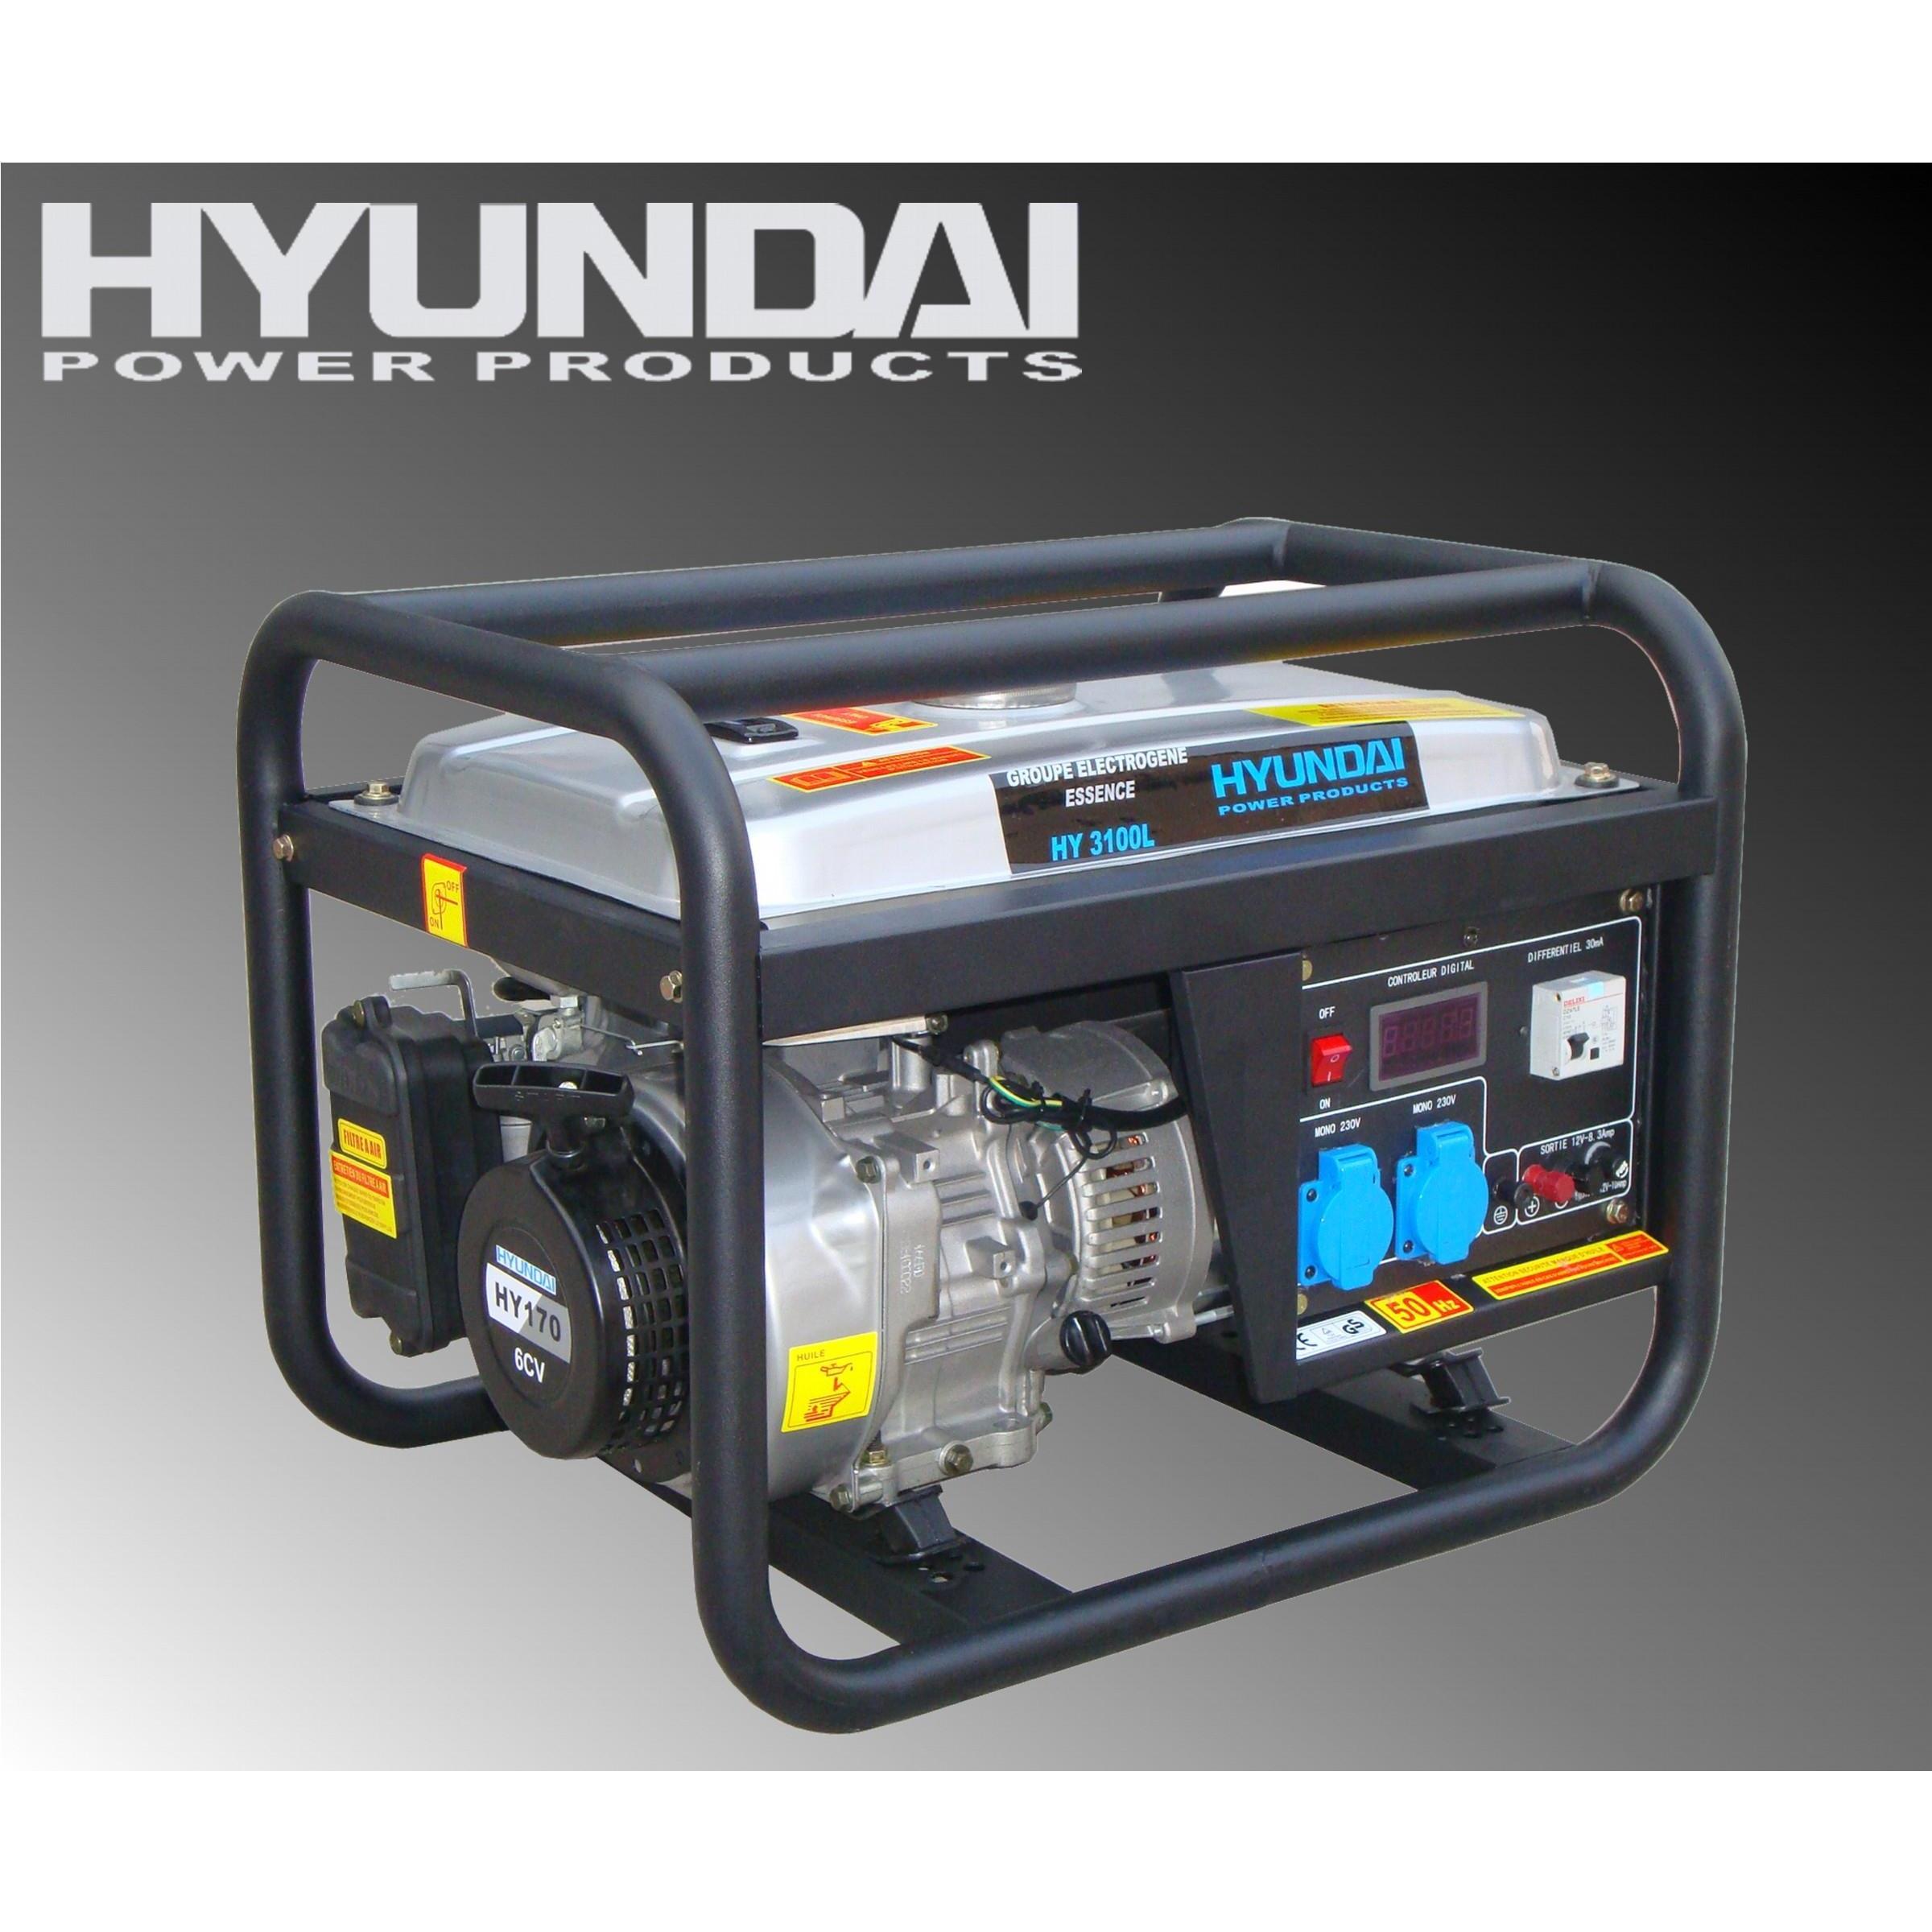 Máy phát điện Huyndai dân dụng - chạy xăng HY2500L (2-2.2KW)